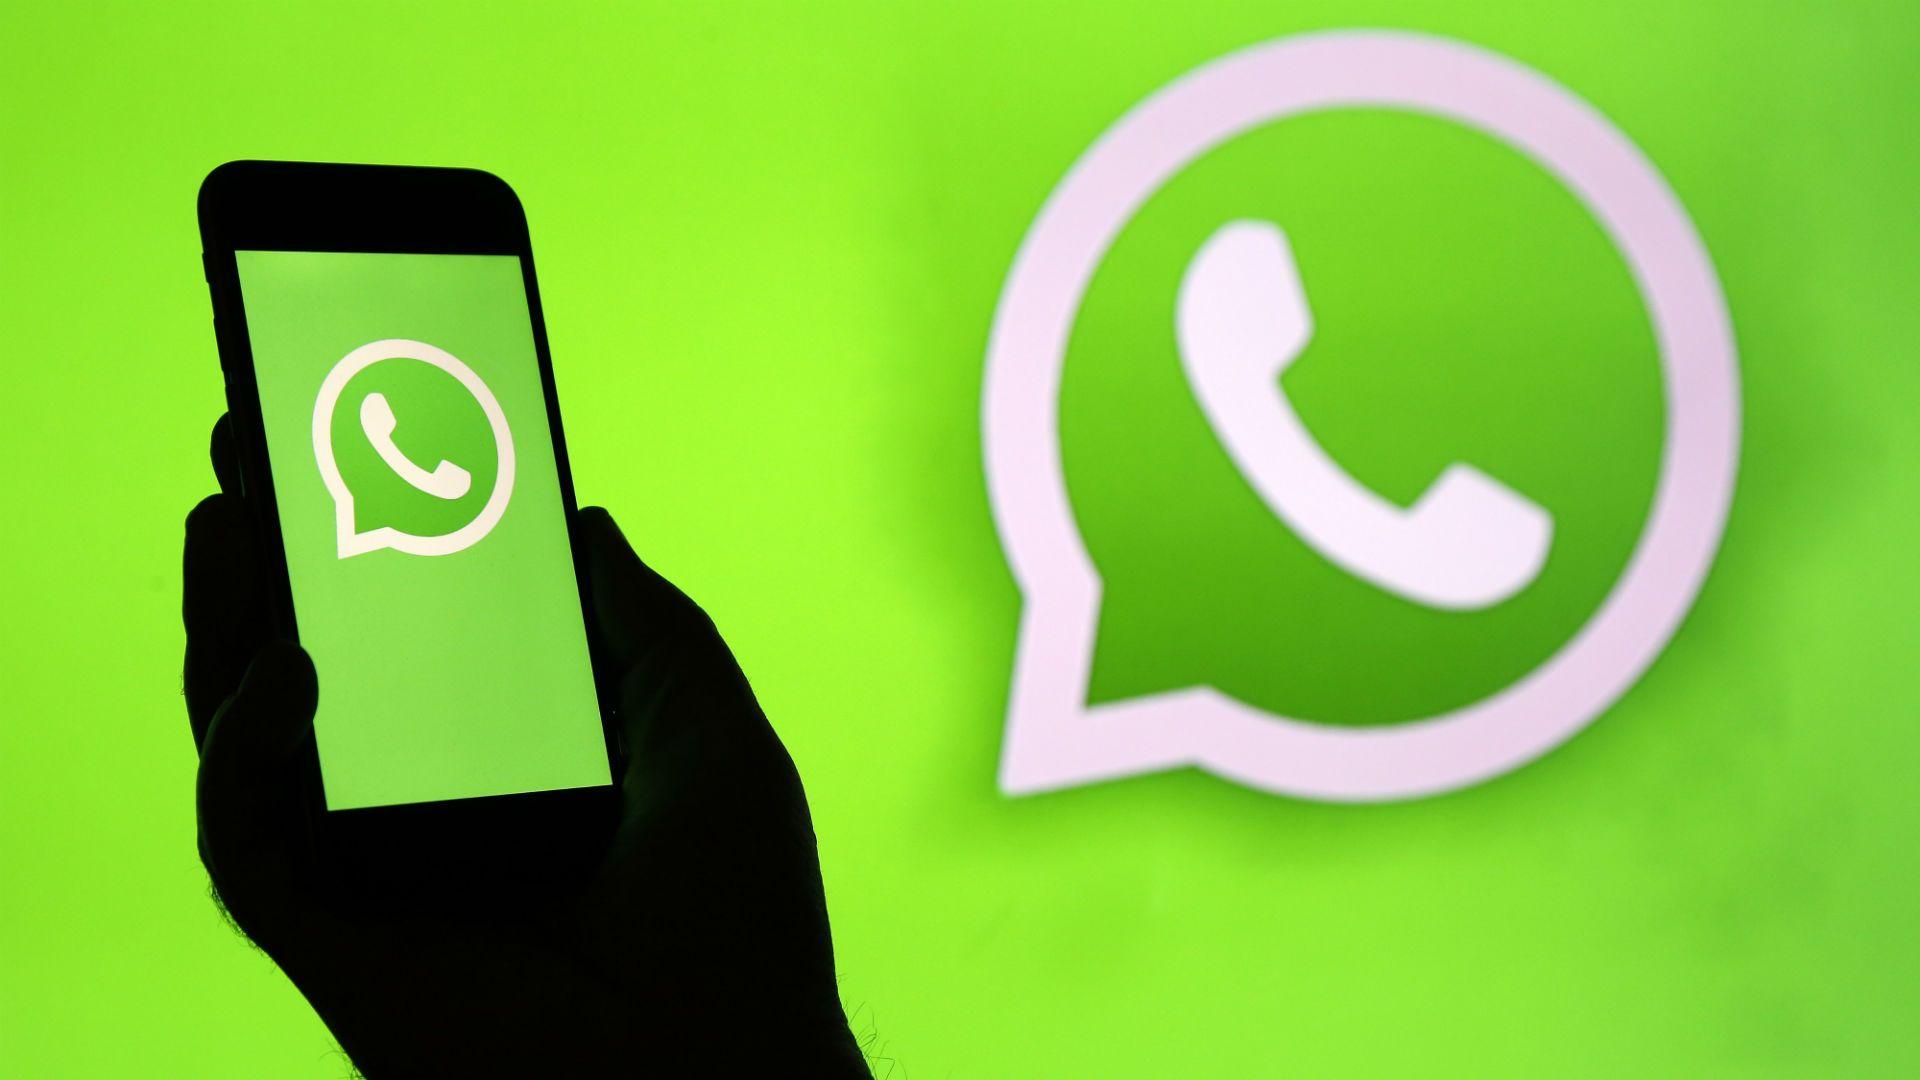 Kuinka hallita sitä, kuka voi lisätä sinut WhatsApp-ryhmiin